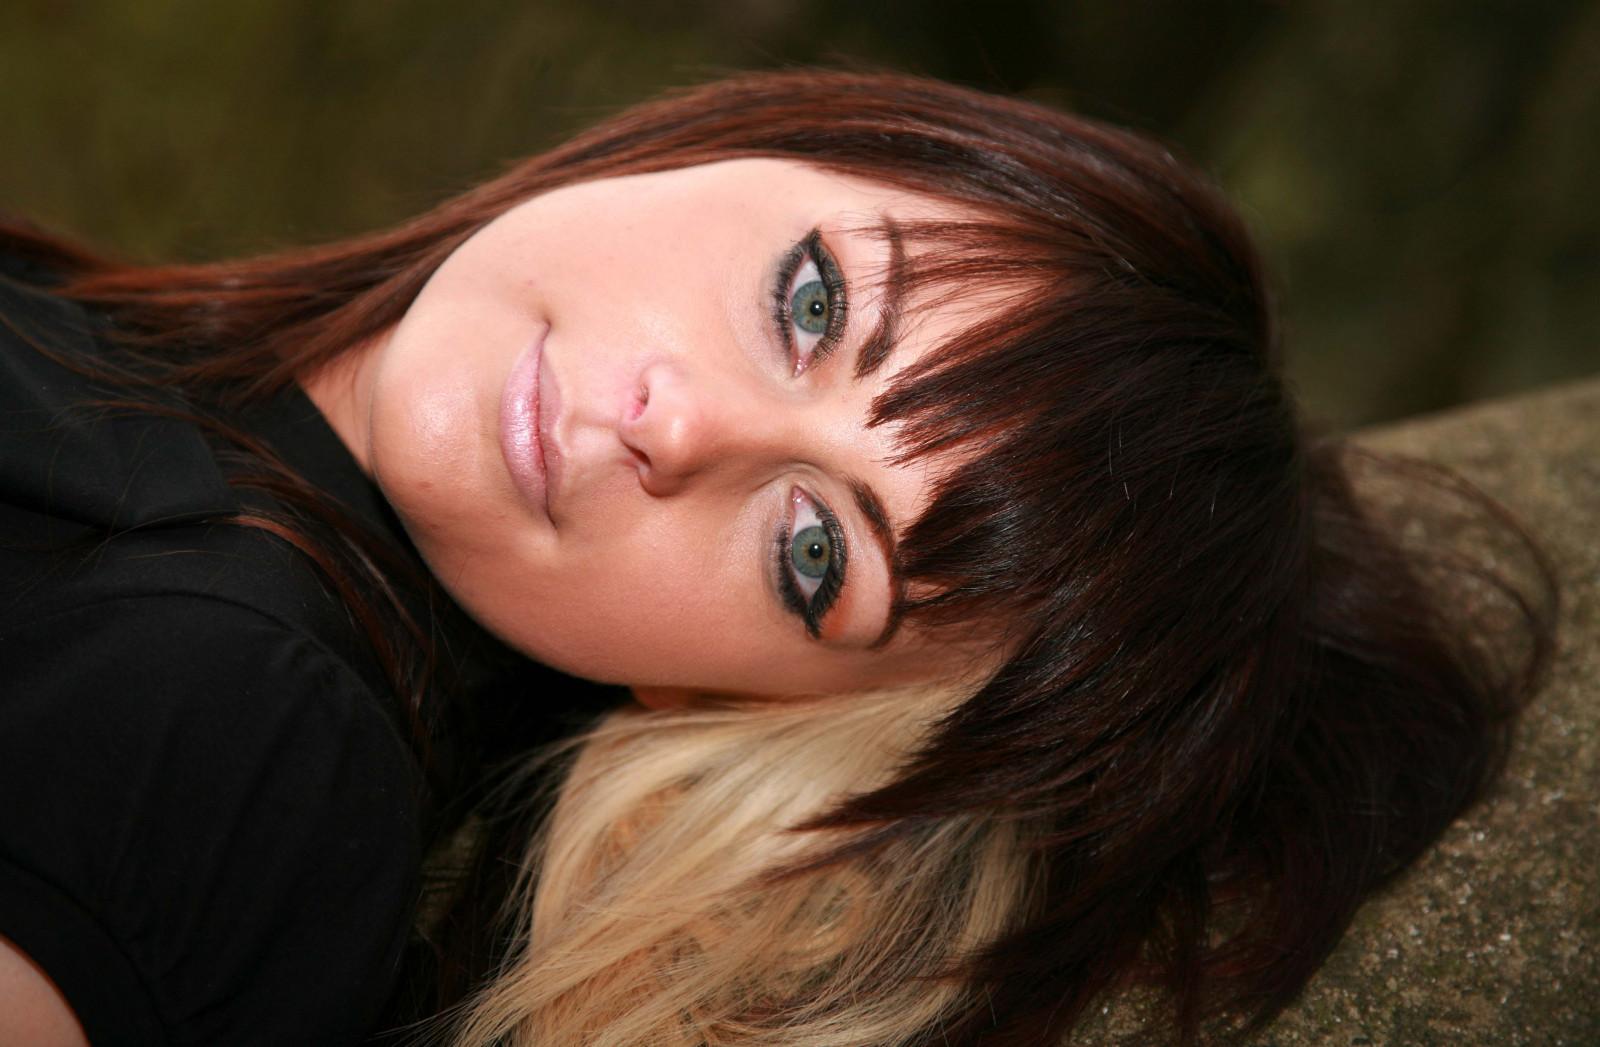 Фото красива брюнетка 19 лет, Очень красивая голая брюнетка на диване (19.) 16 фотография